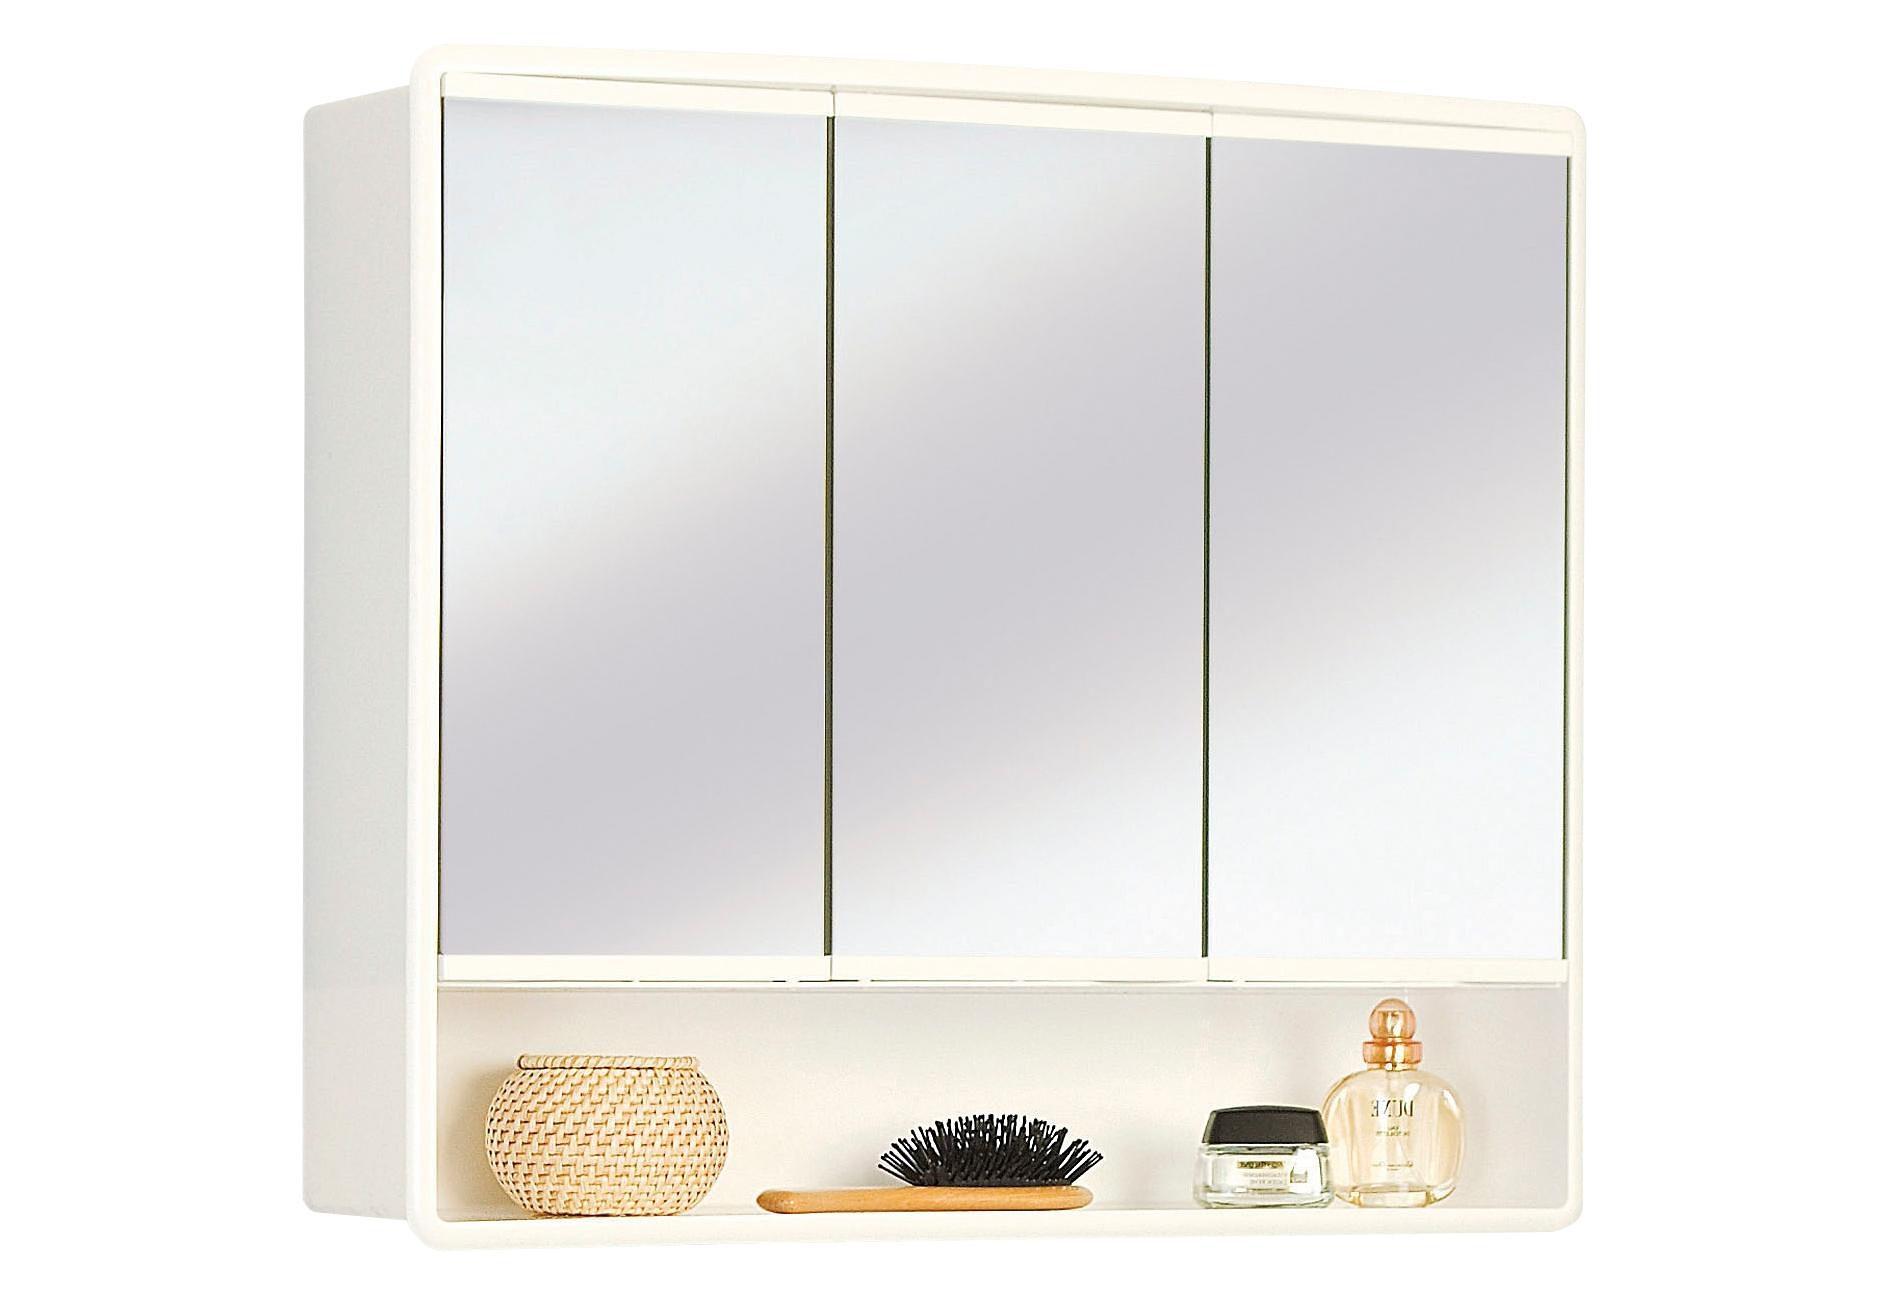 Erstaunlich Spiegelschrank online kaufen » Viele Modelle | OTTO LY33